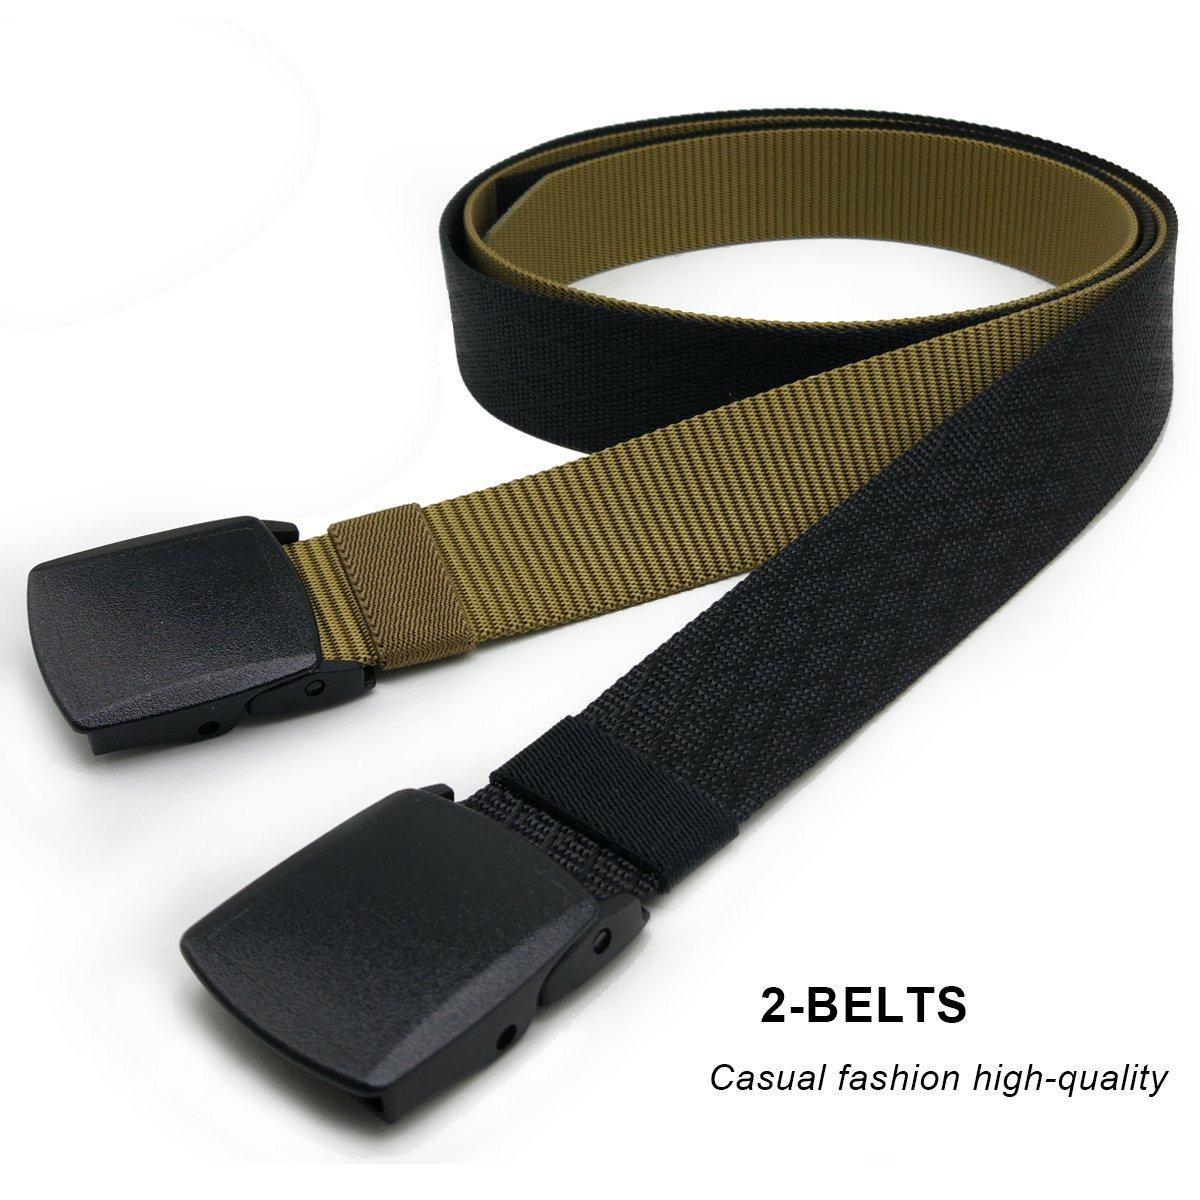 3ff01b8d0 Cinturón Táctico Militar Hoanan De 2 Paquetes